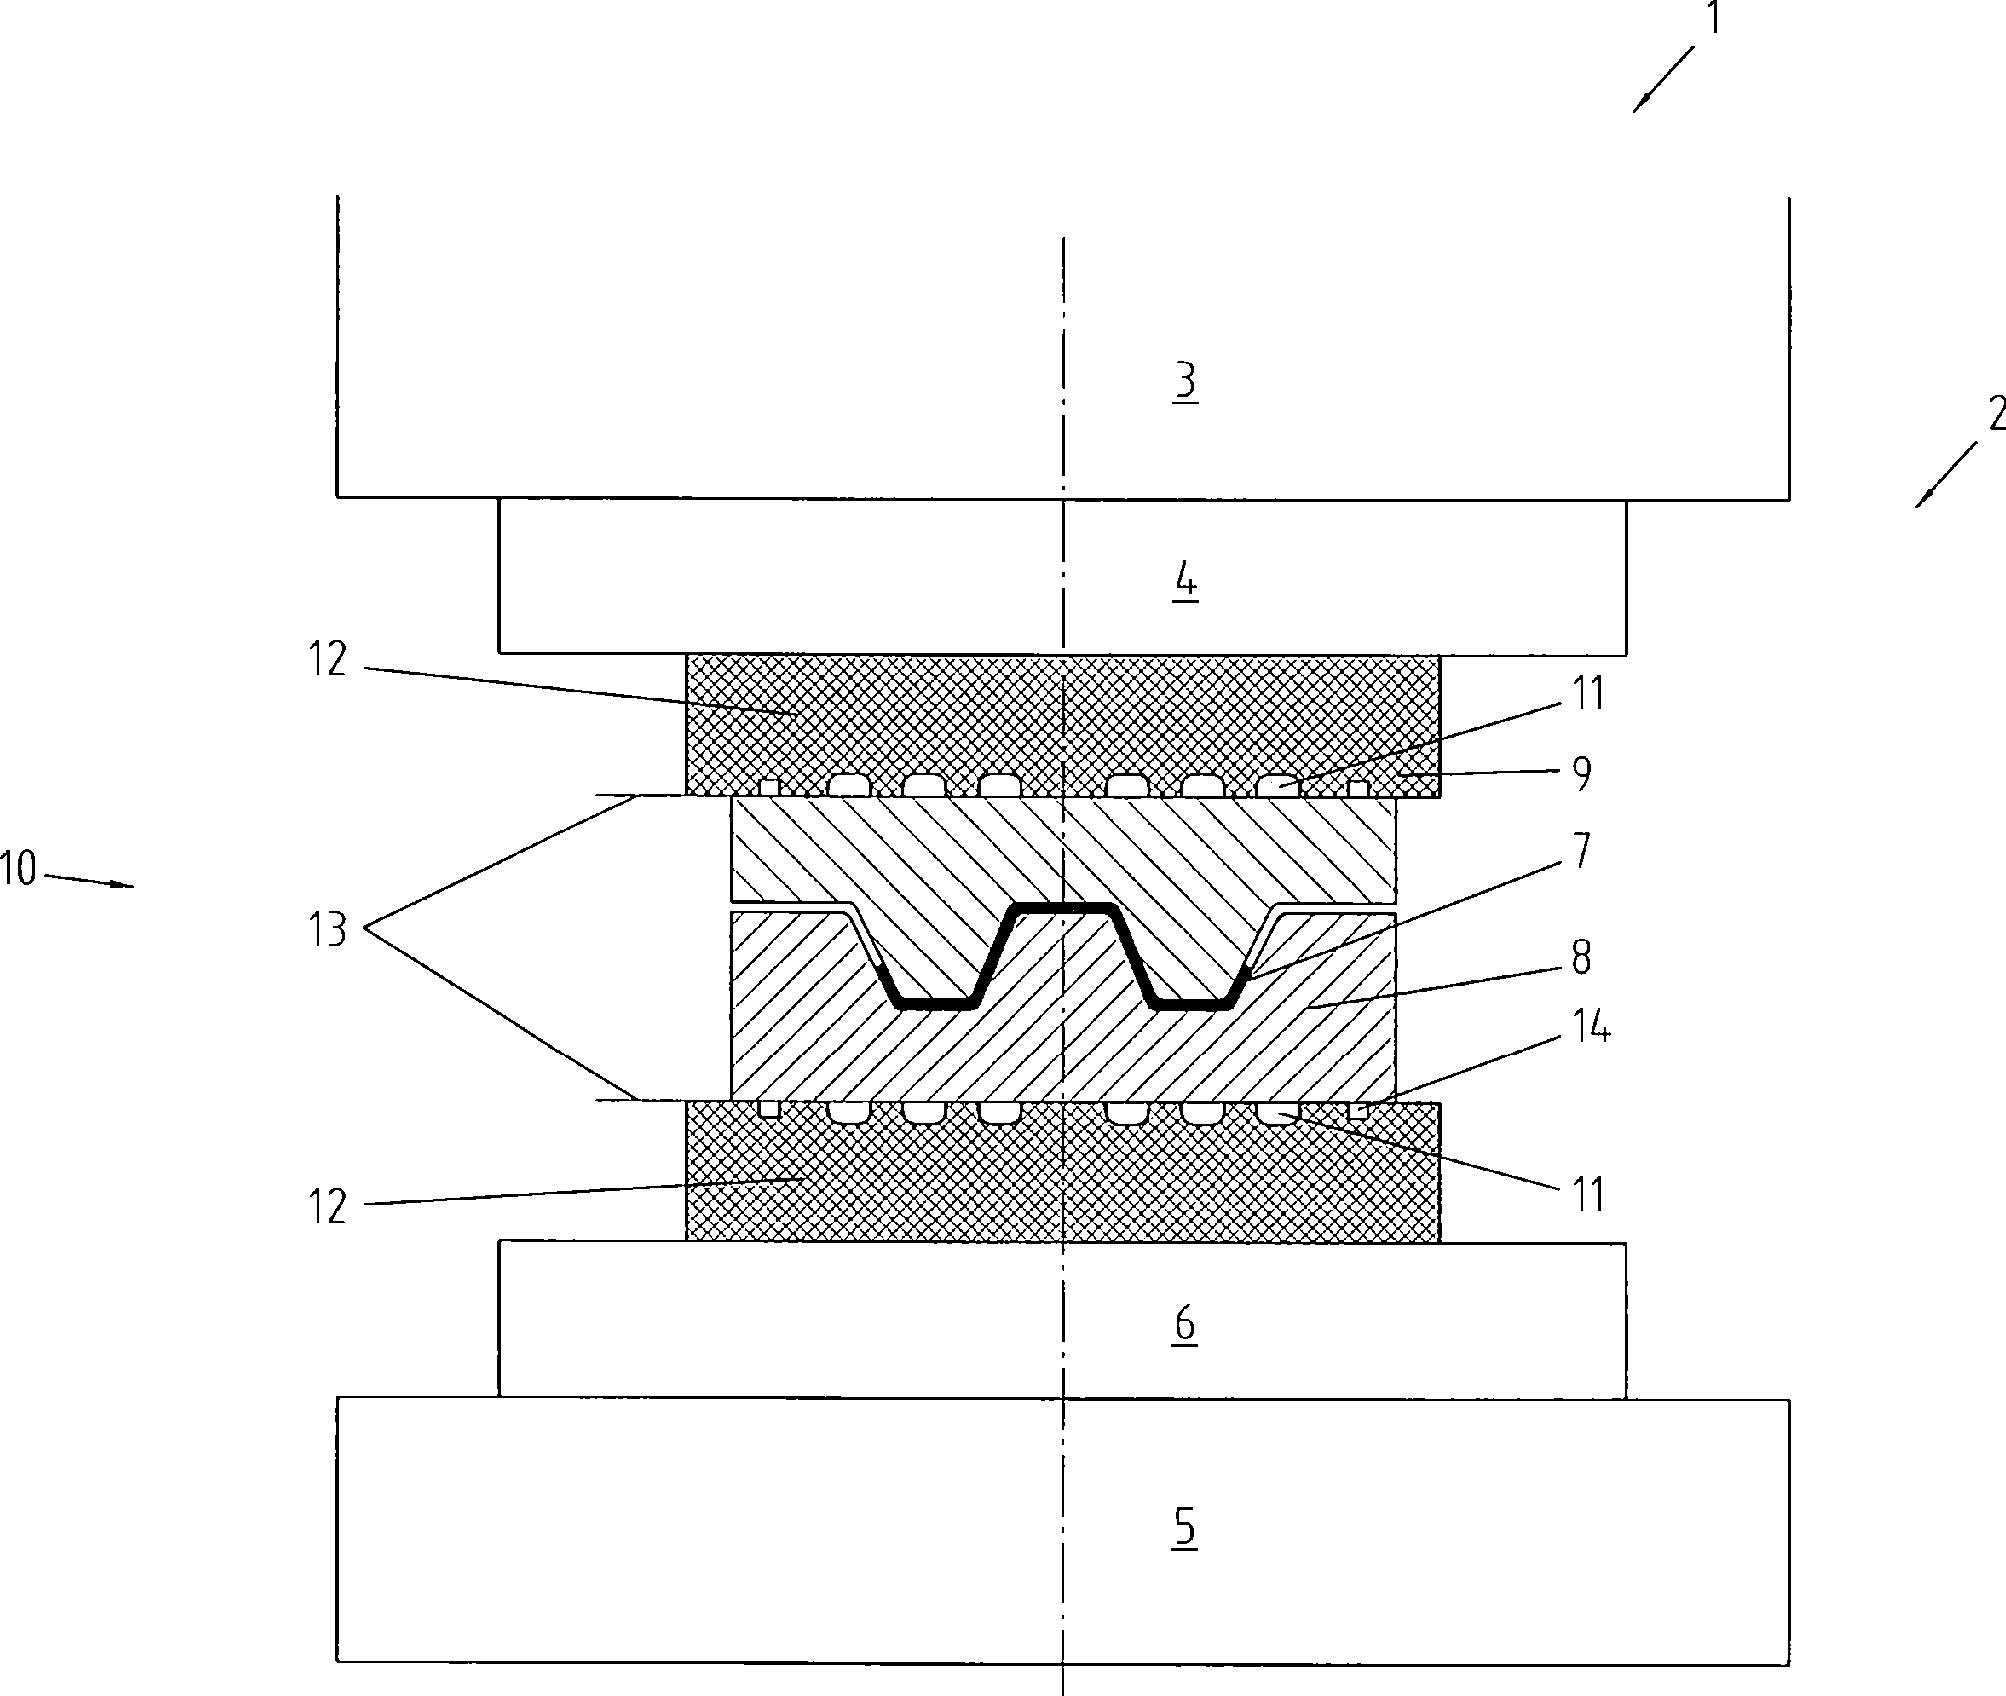 Figure DE102007003745B4_0001